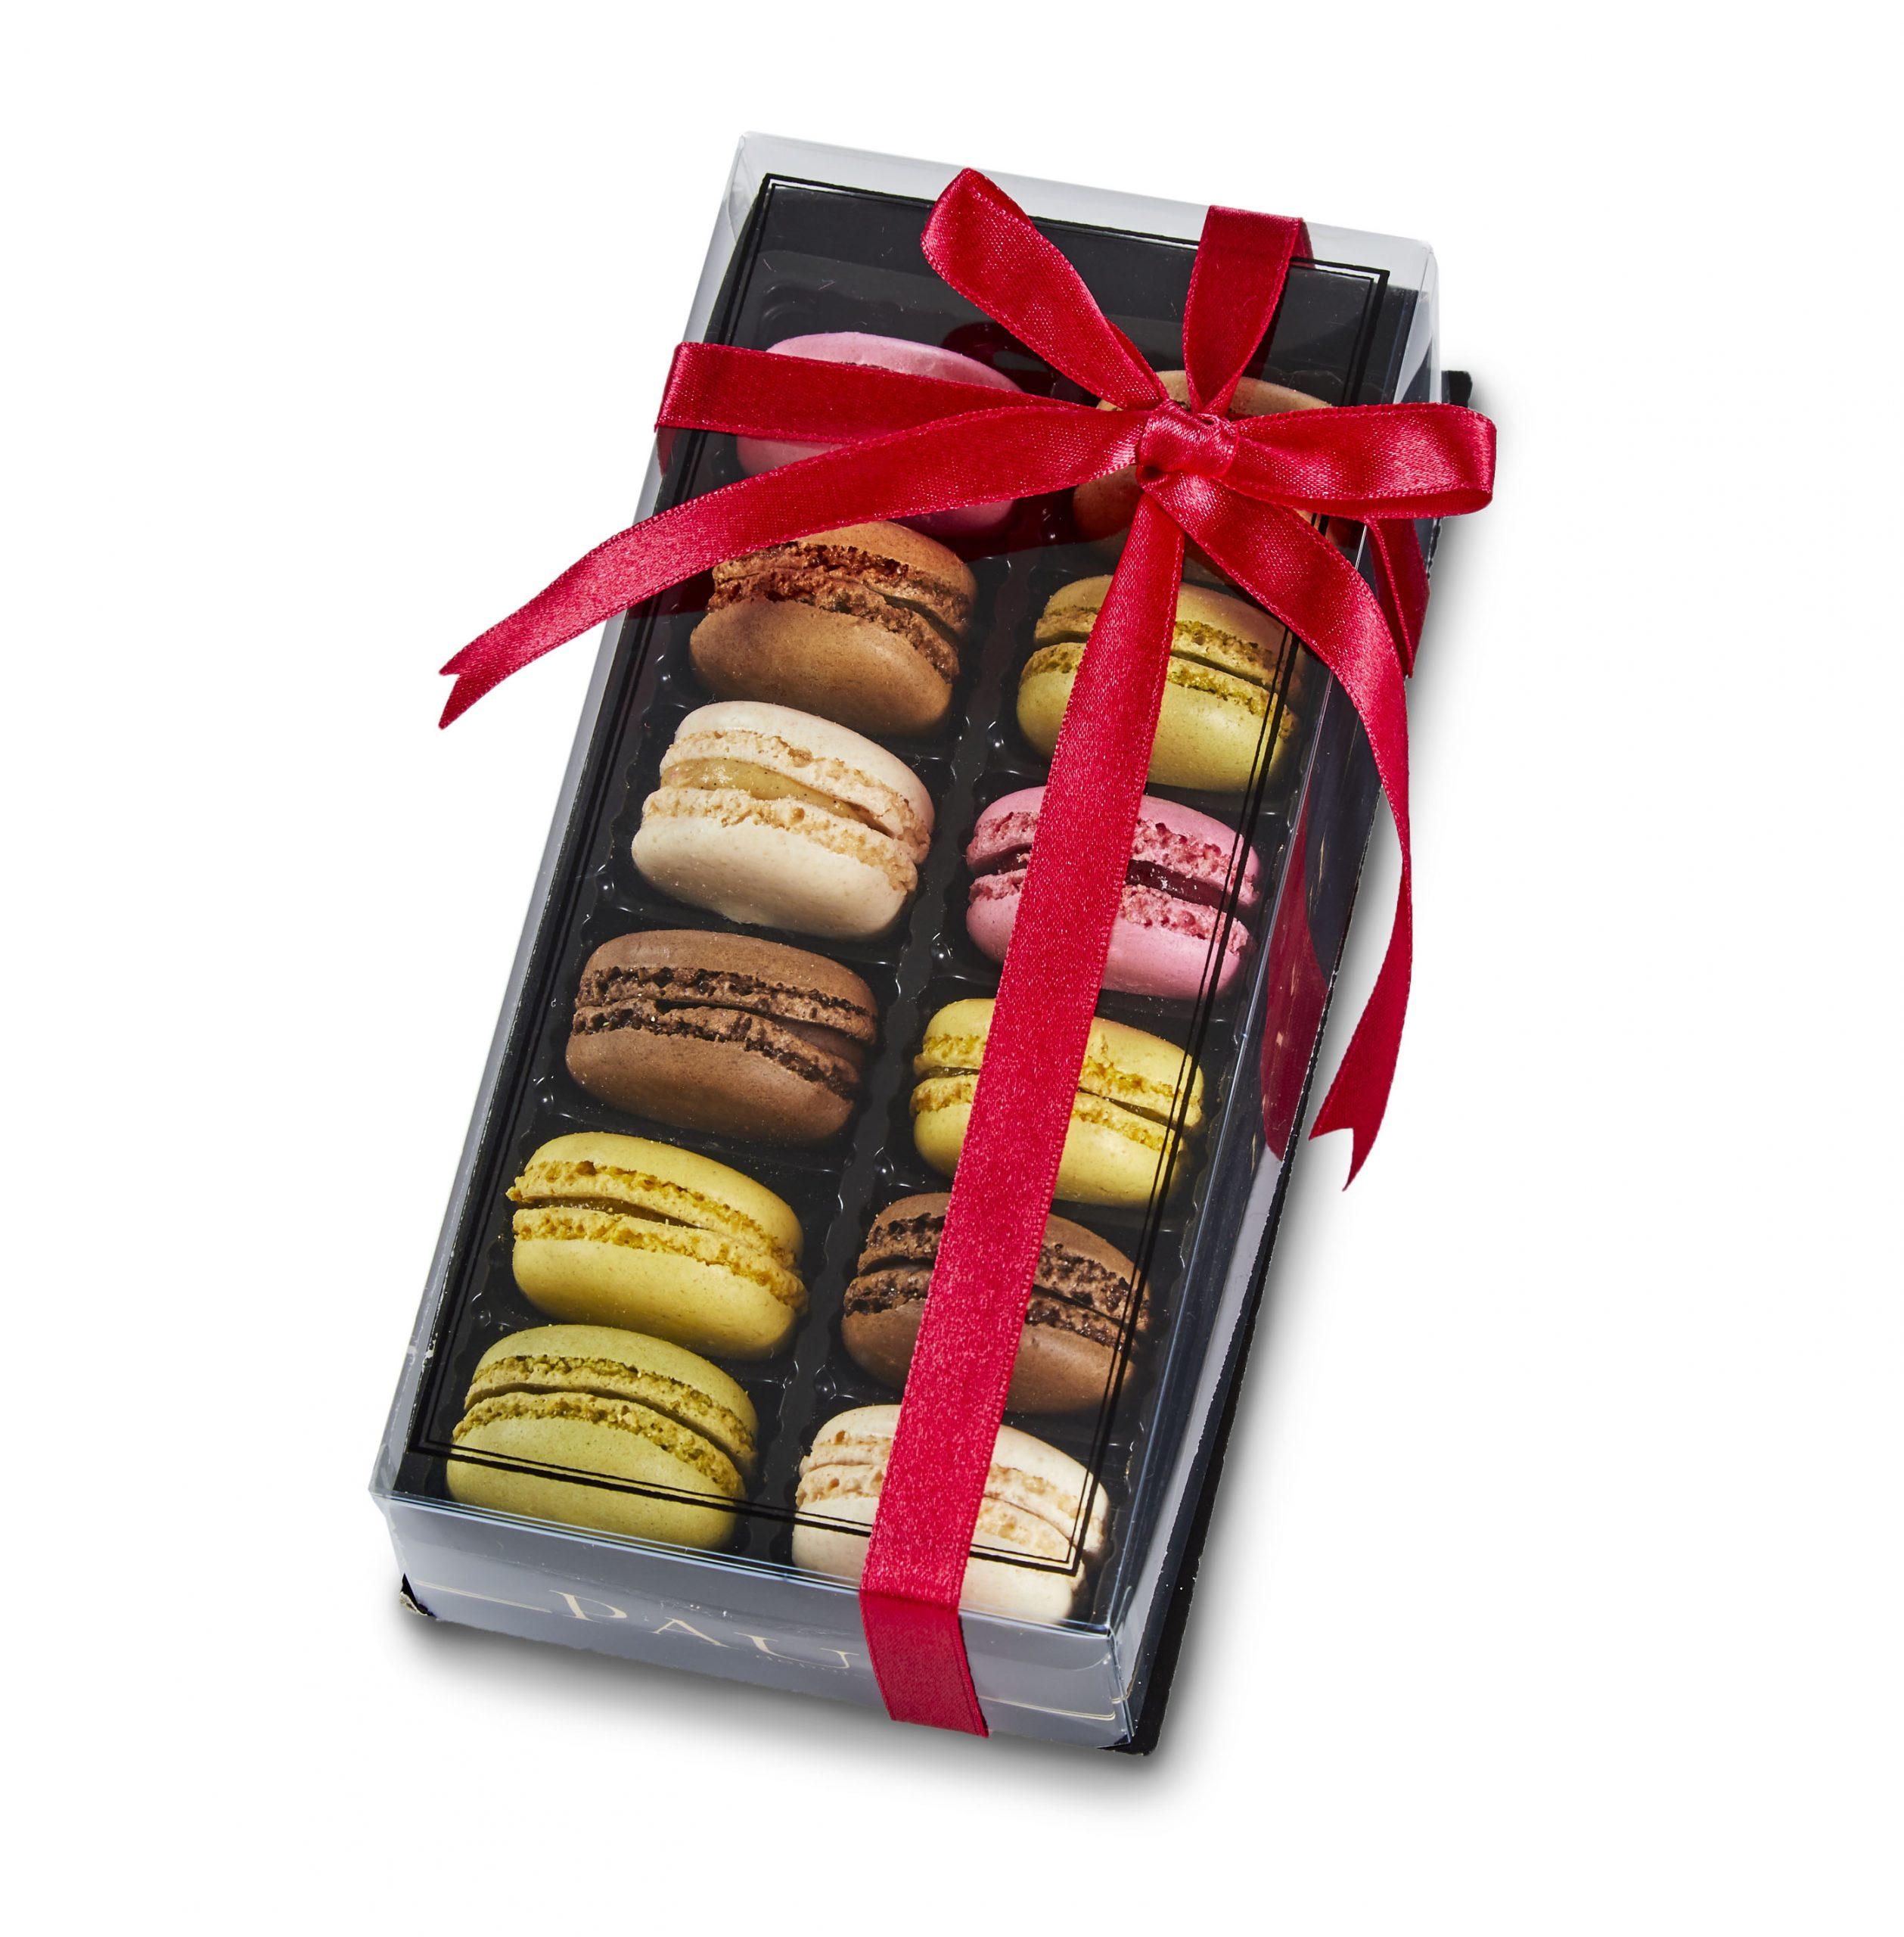 純饗綜合馬卡紅禮盒 Assorted Macaron Gift Box